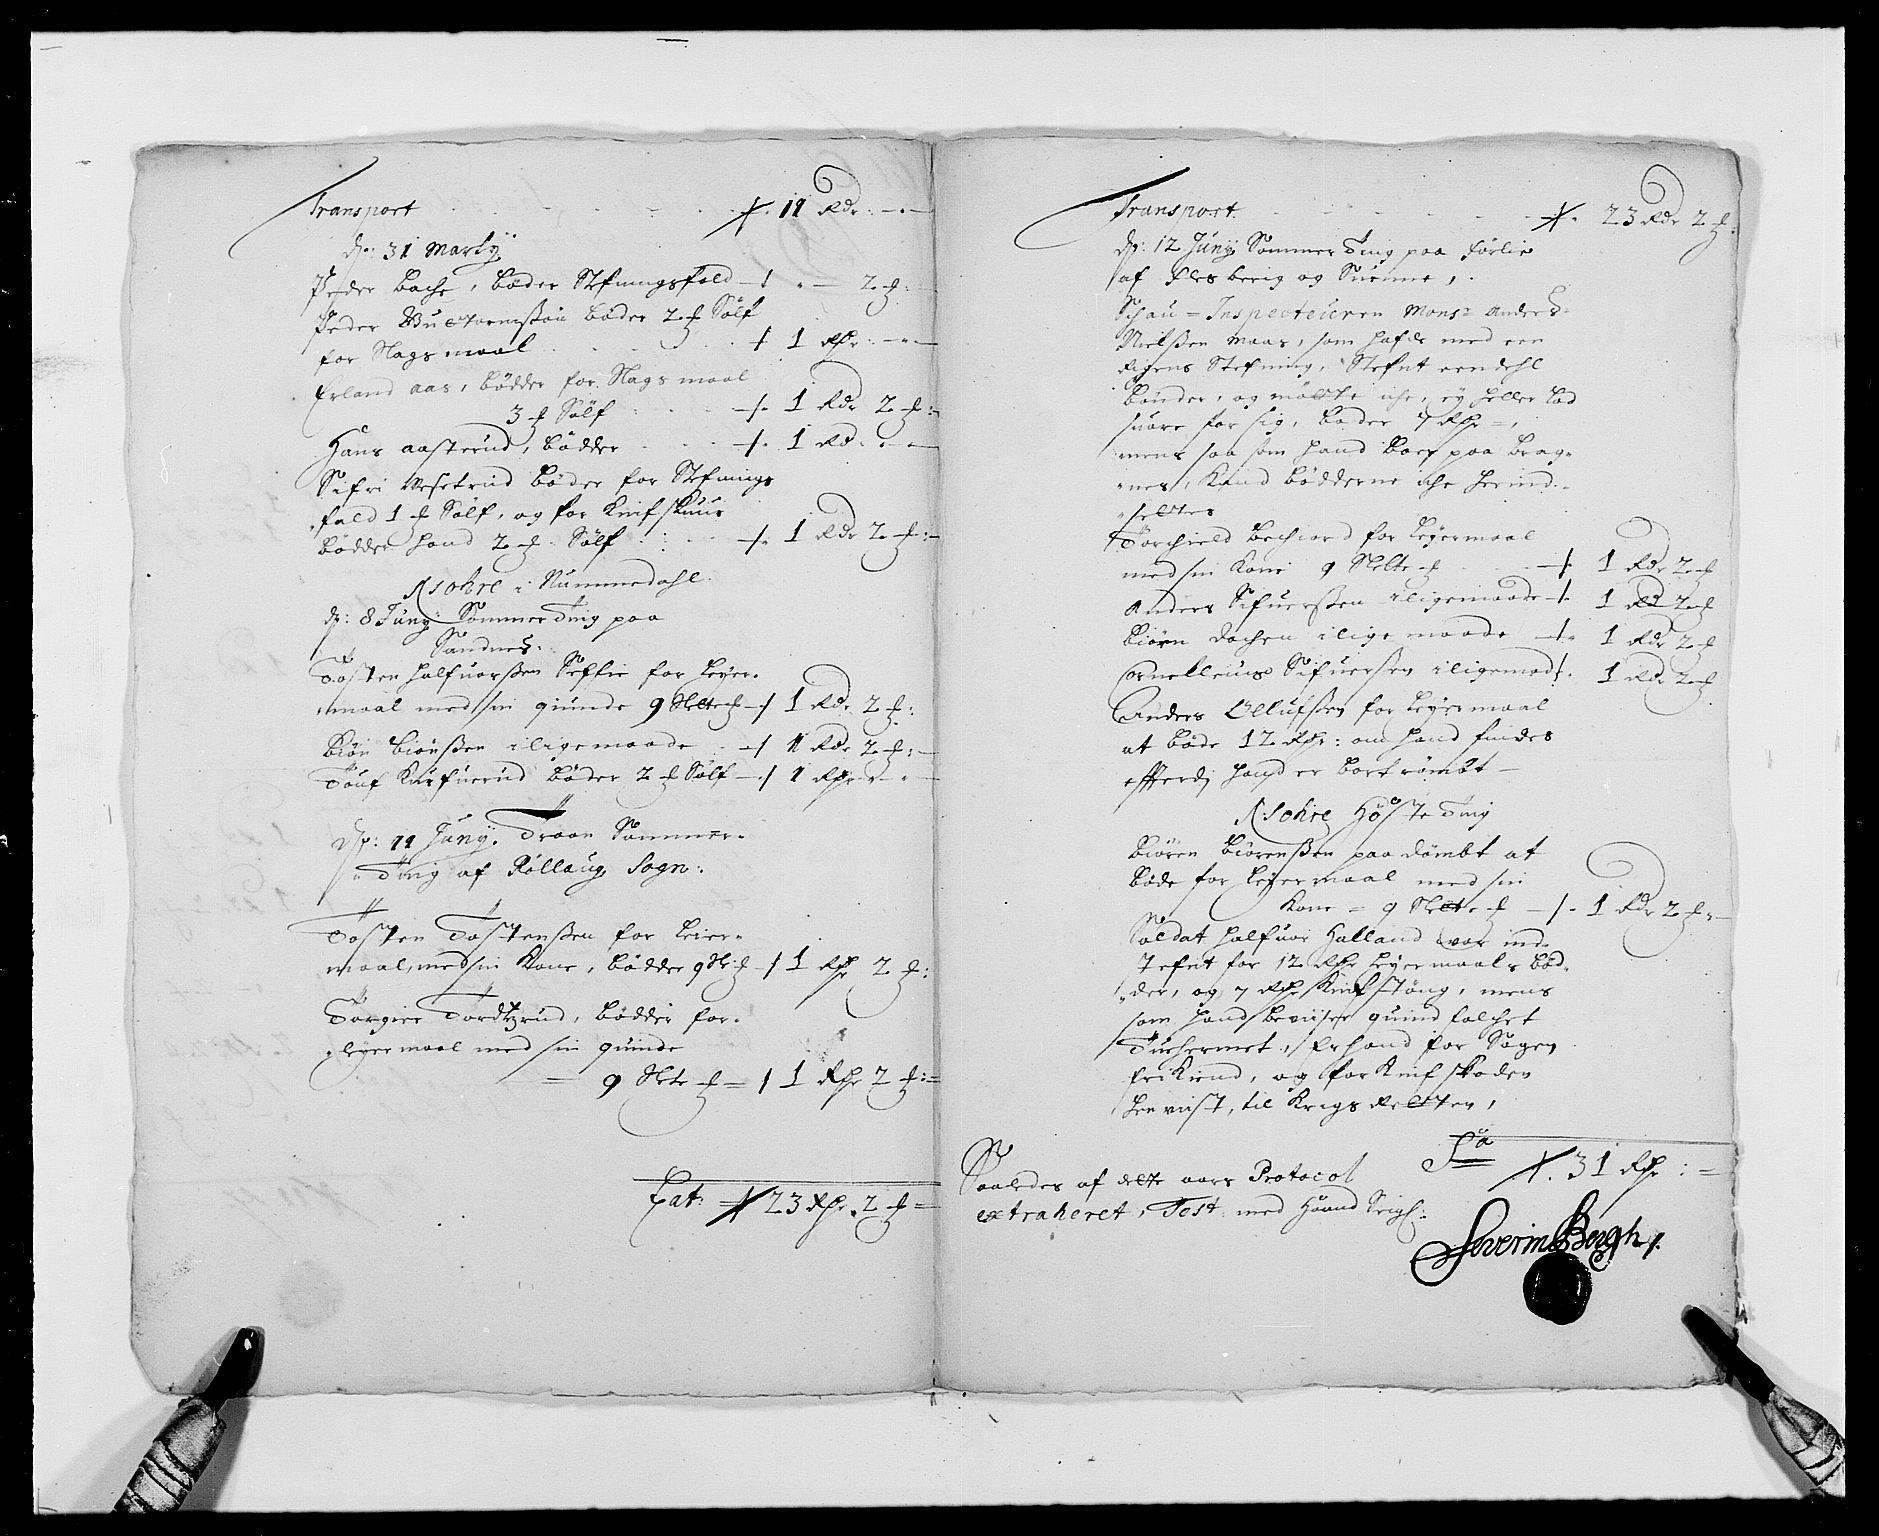 RA, Rentekammeret inntil 1814, Reviderte regnskaper, Fogderegnskap, R24/L1573: Fogderegnskap Numedal og Sandsvær, 1687-1691, s. 286